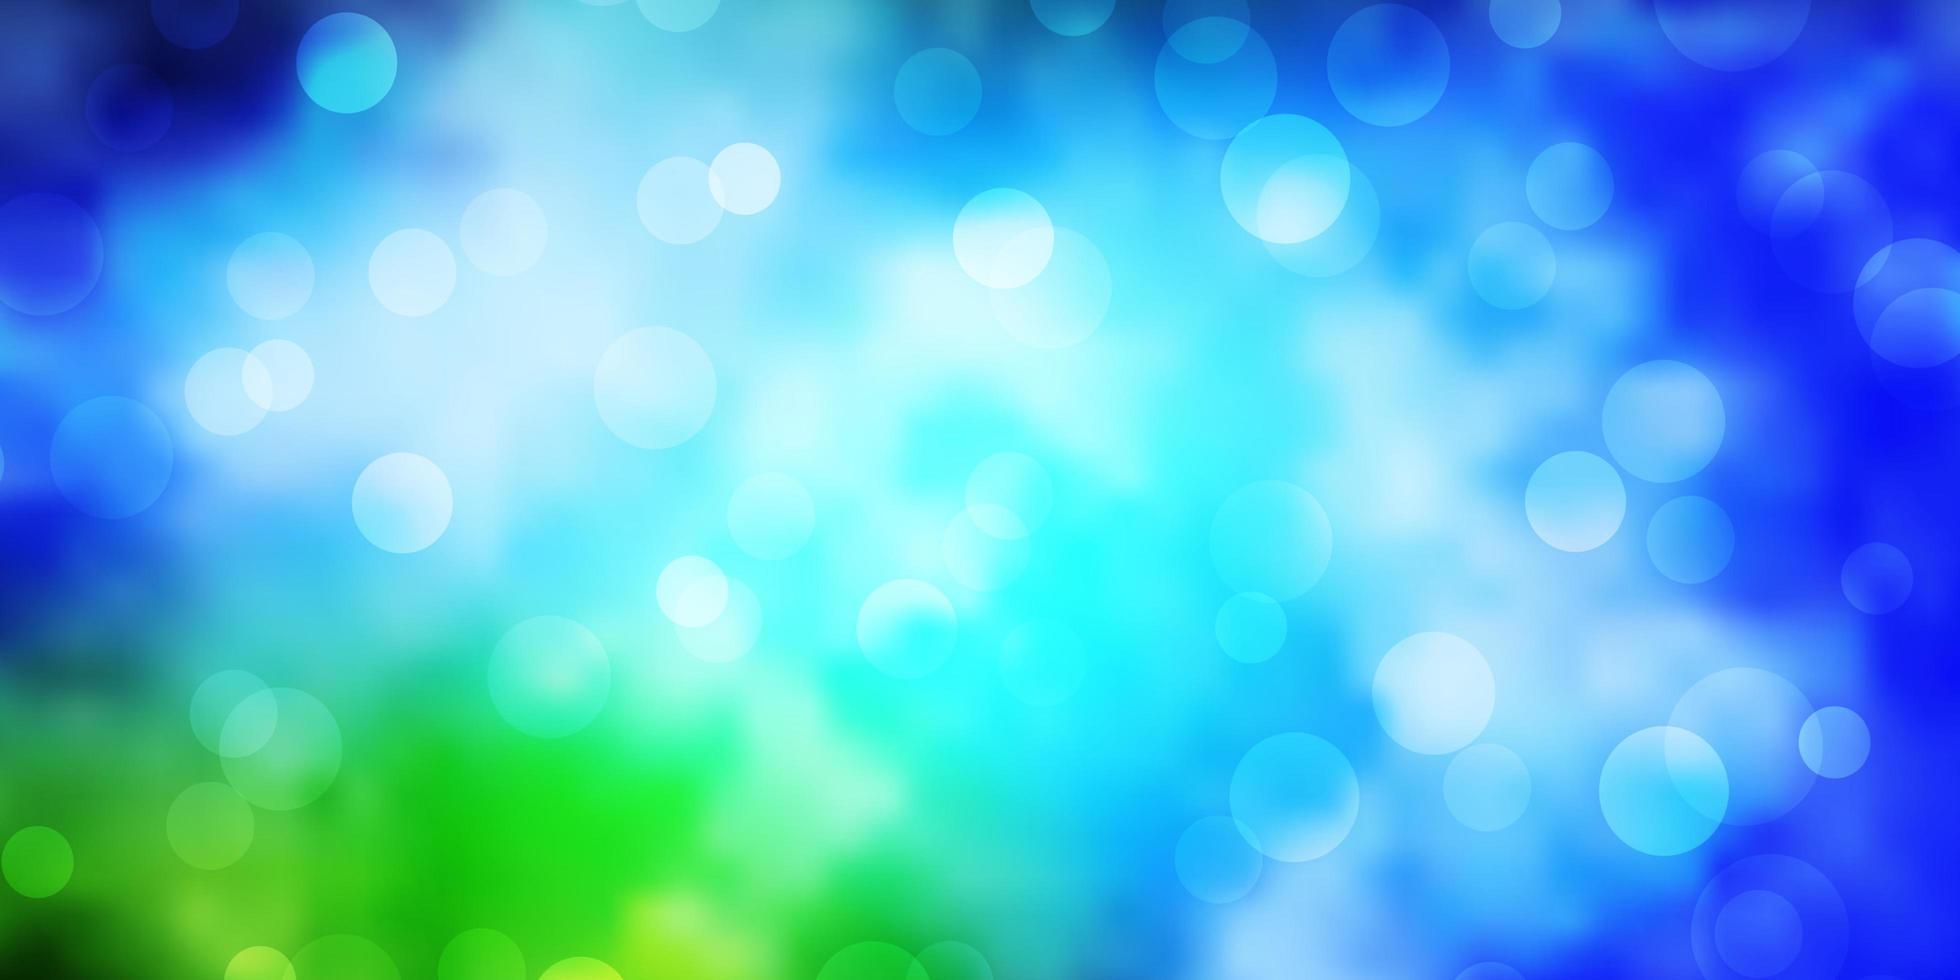 modèle vectoriel bleu clair, vert avec des cercles.